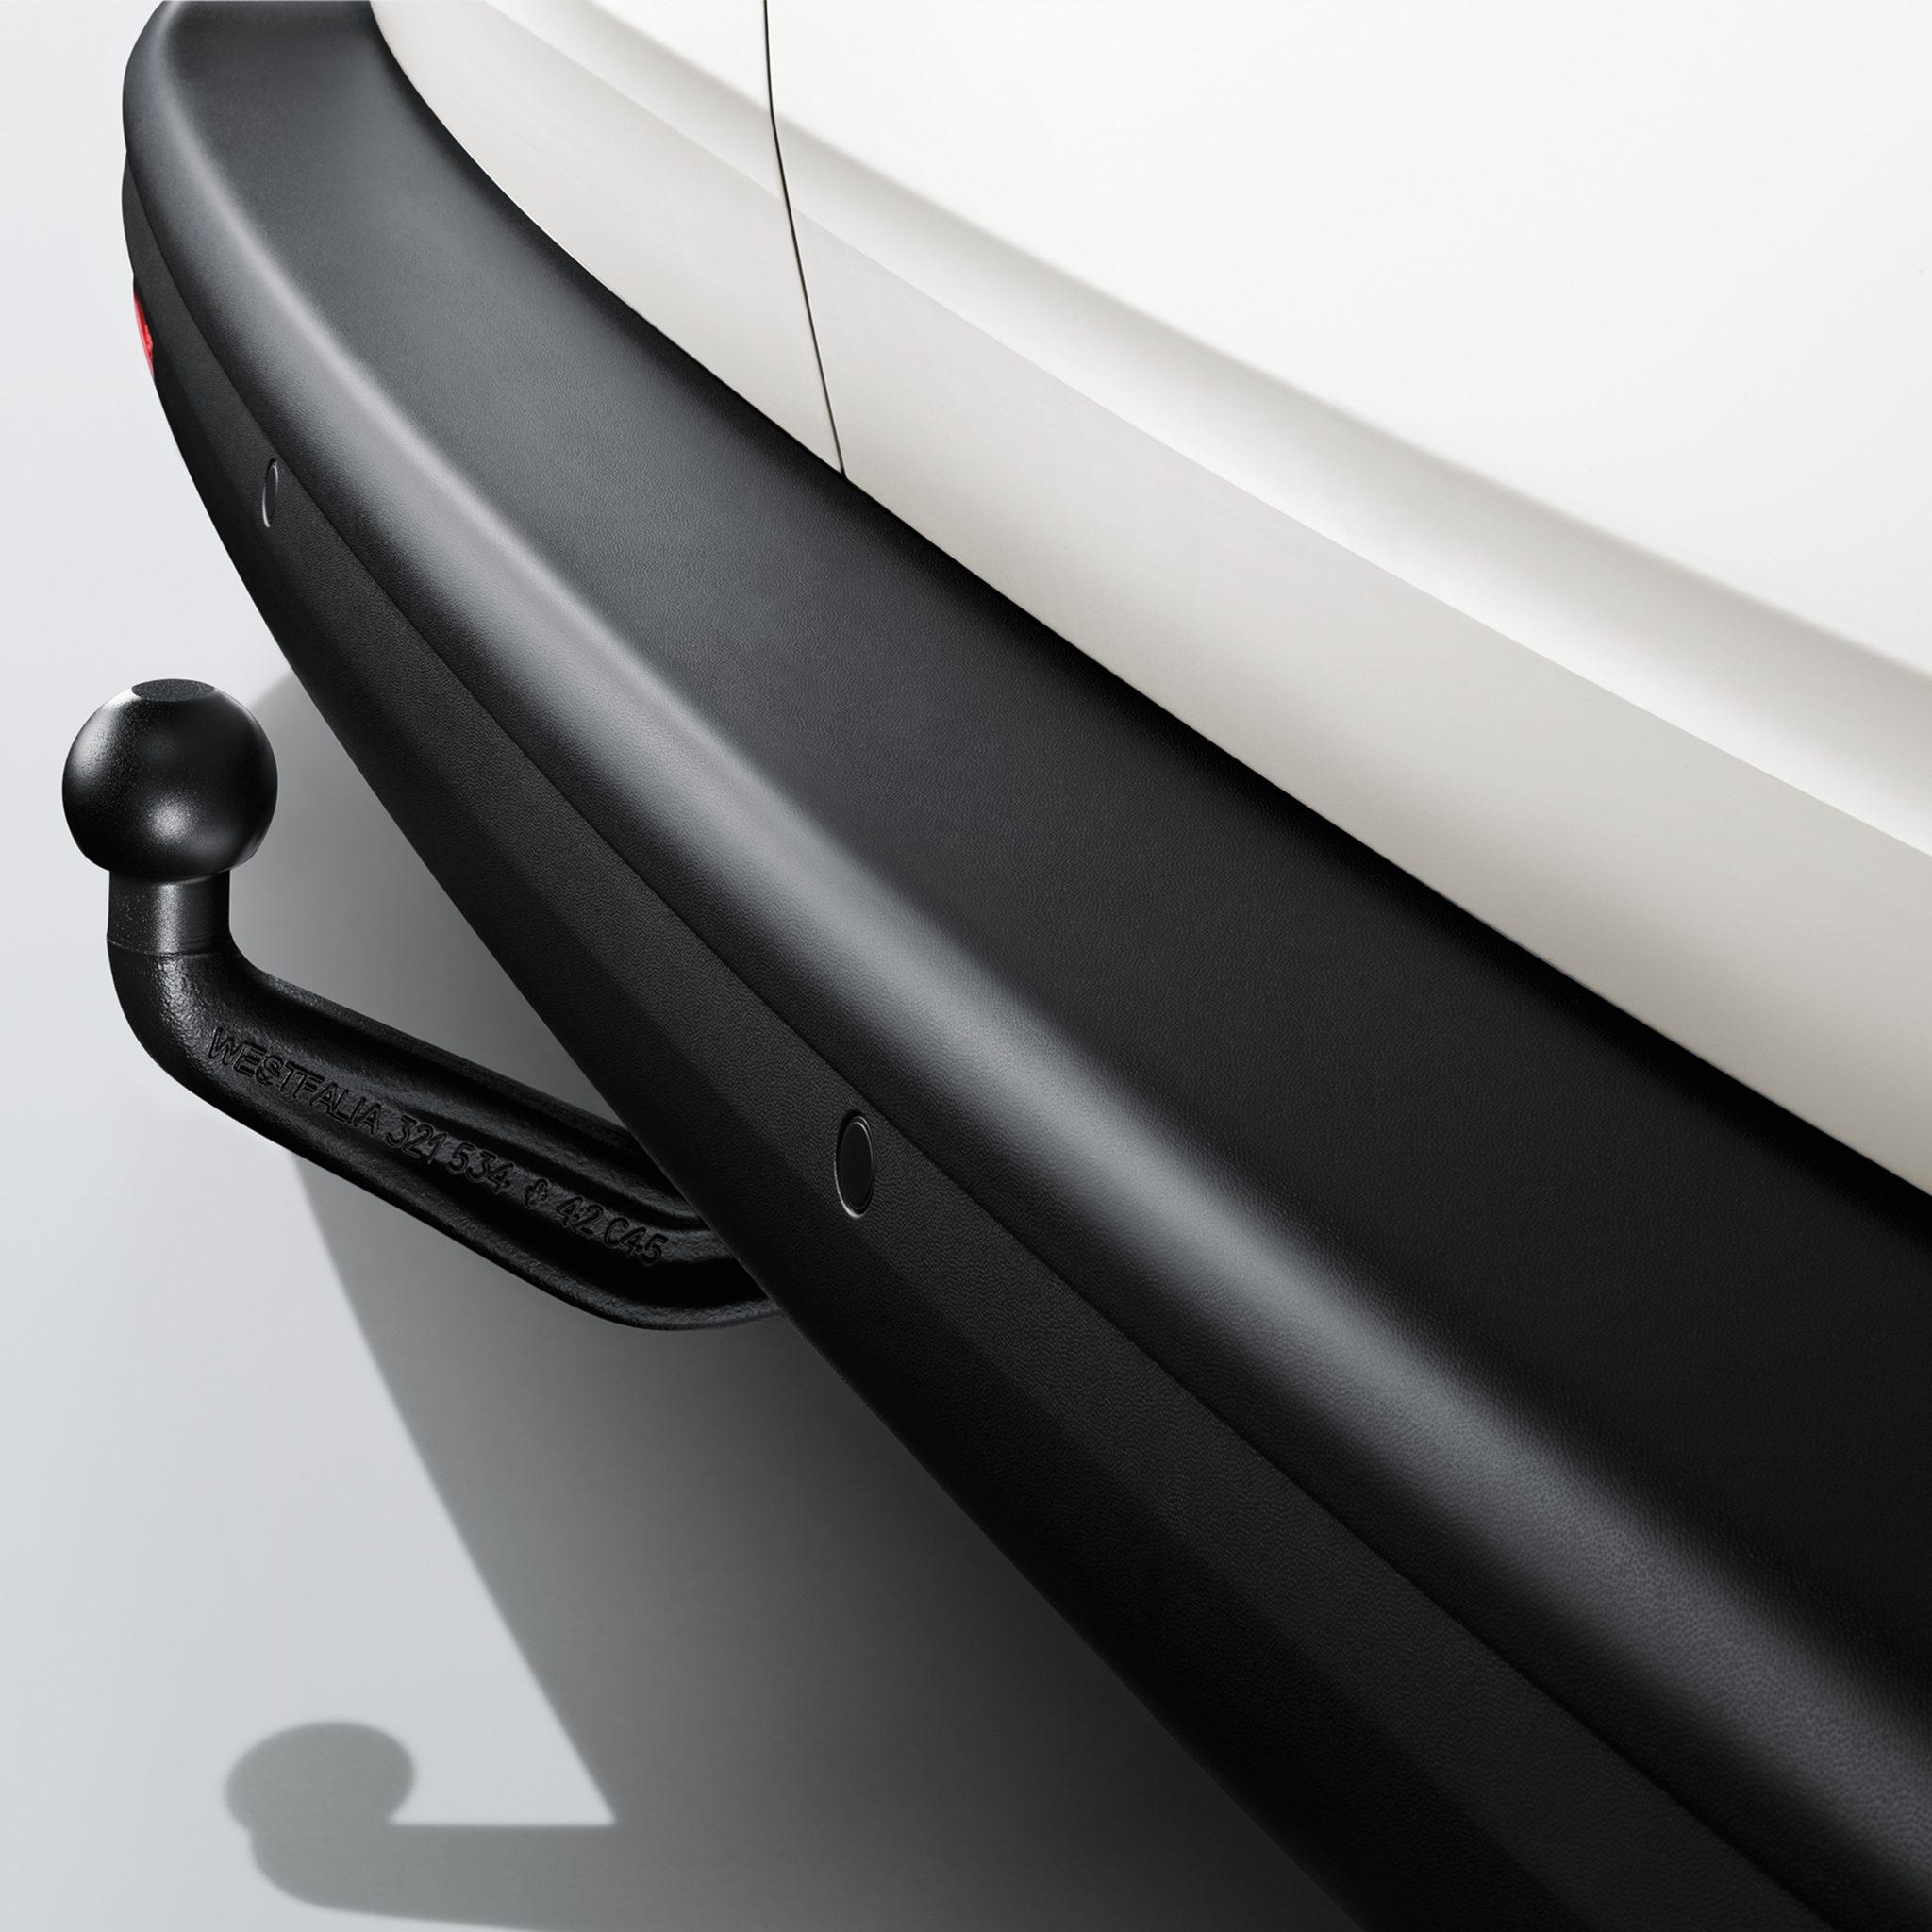 Варианты тягово-сцепных устройств Фольксваген Транспортер Т6.1